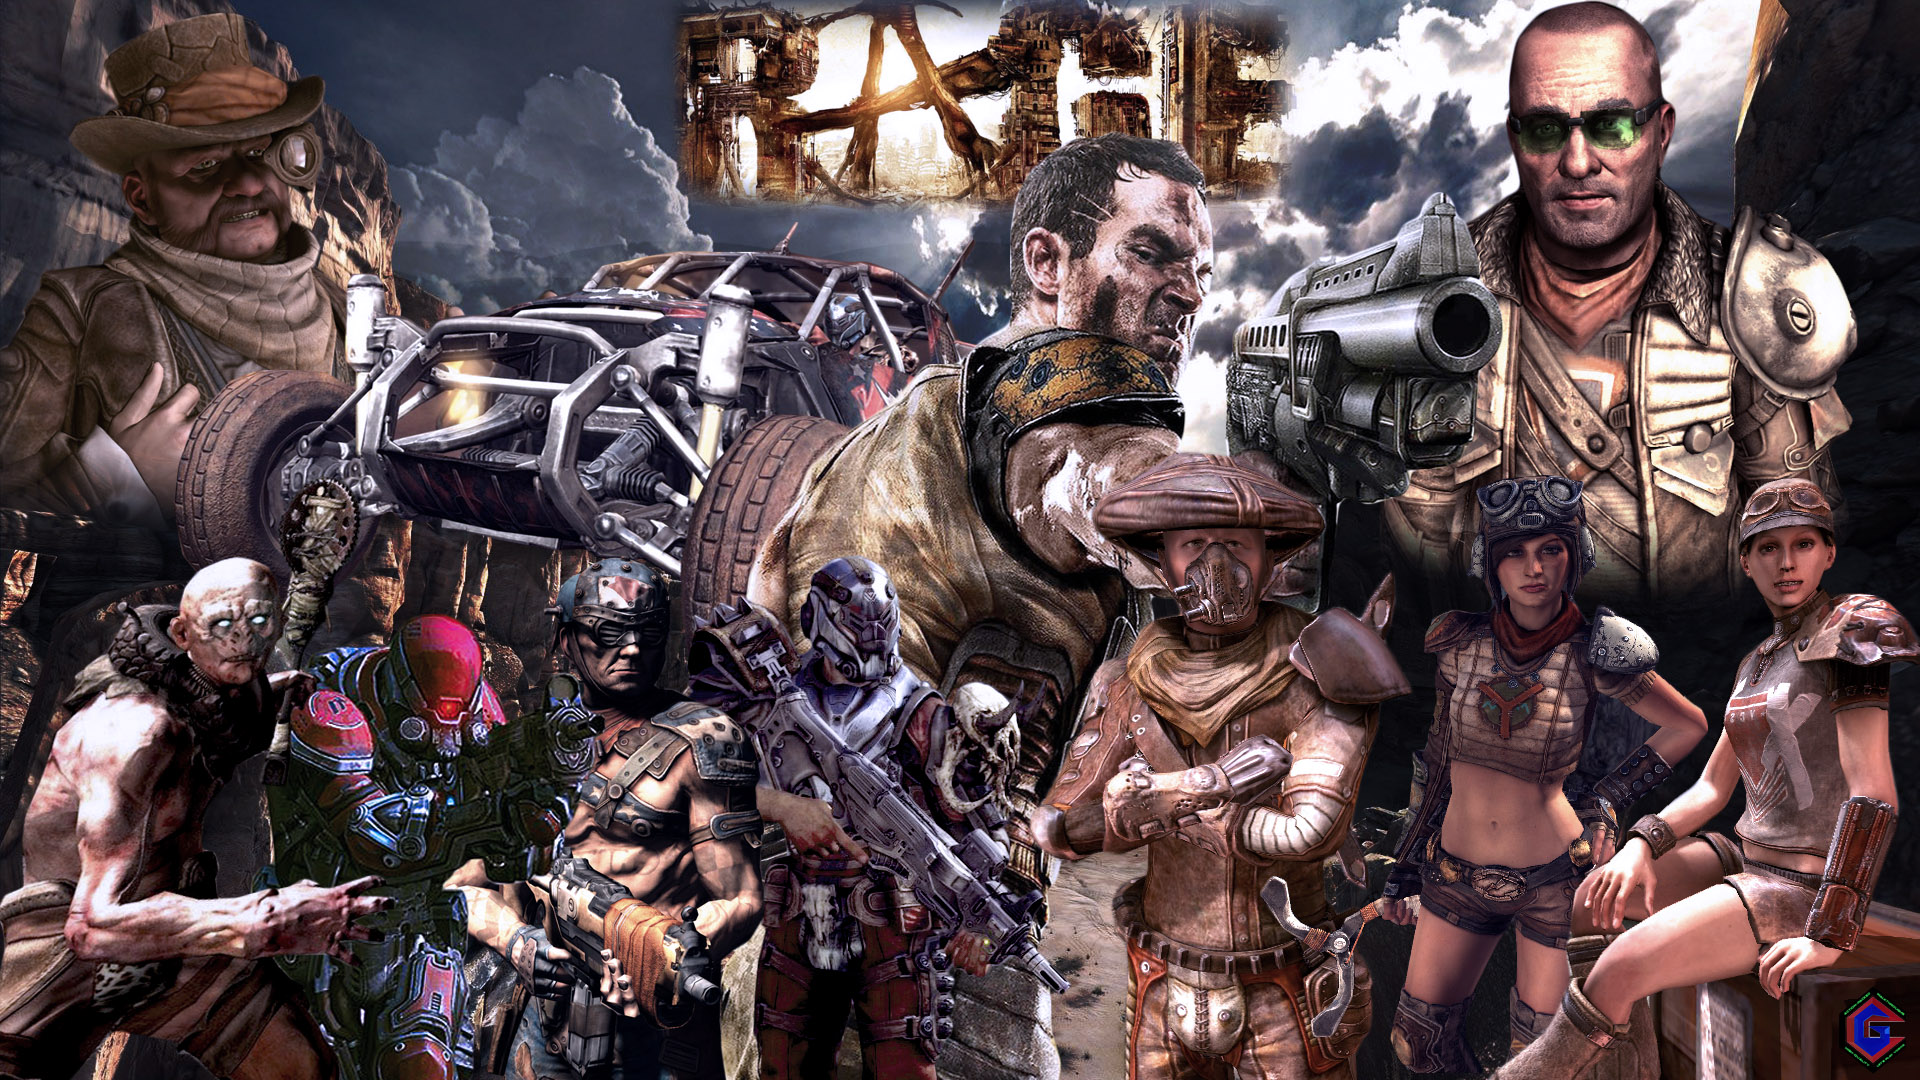 RAGE Exclusive Wallpaper